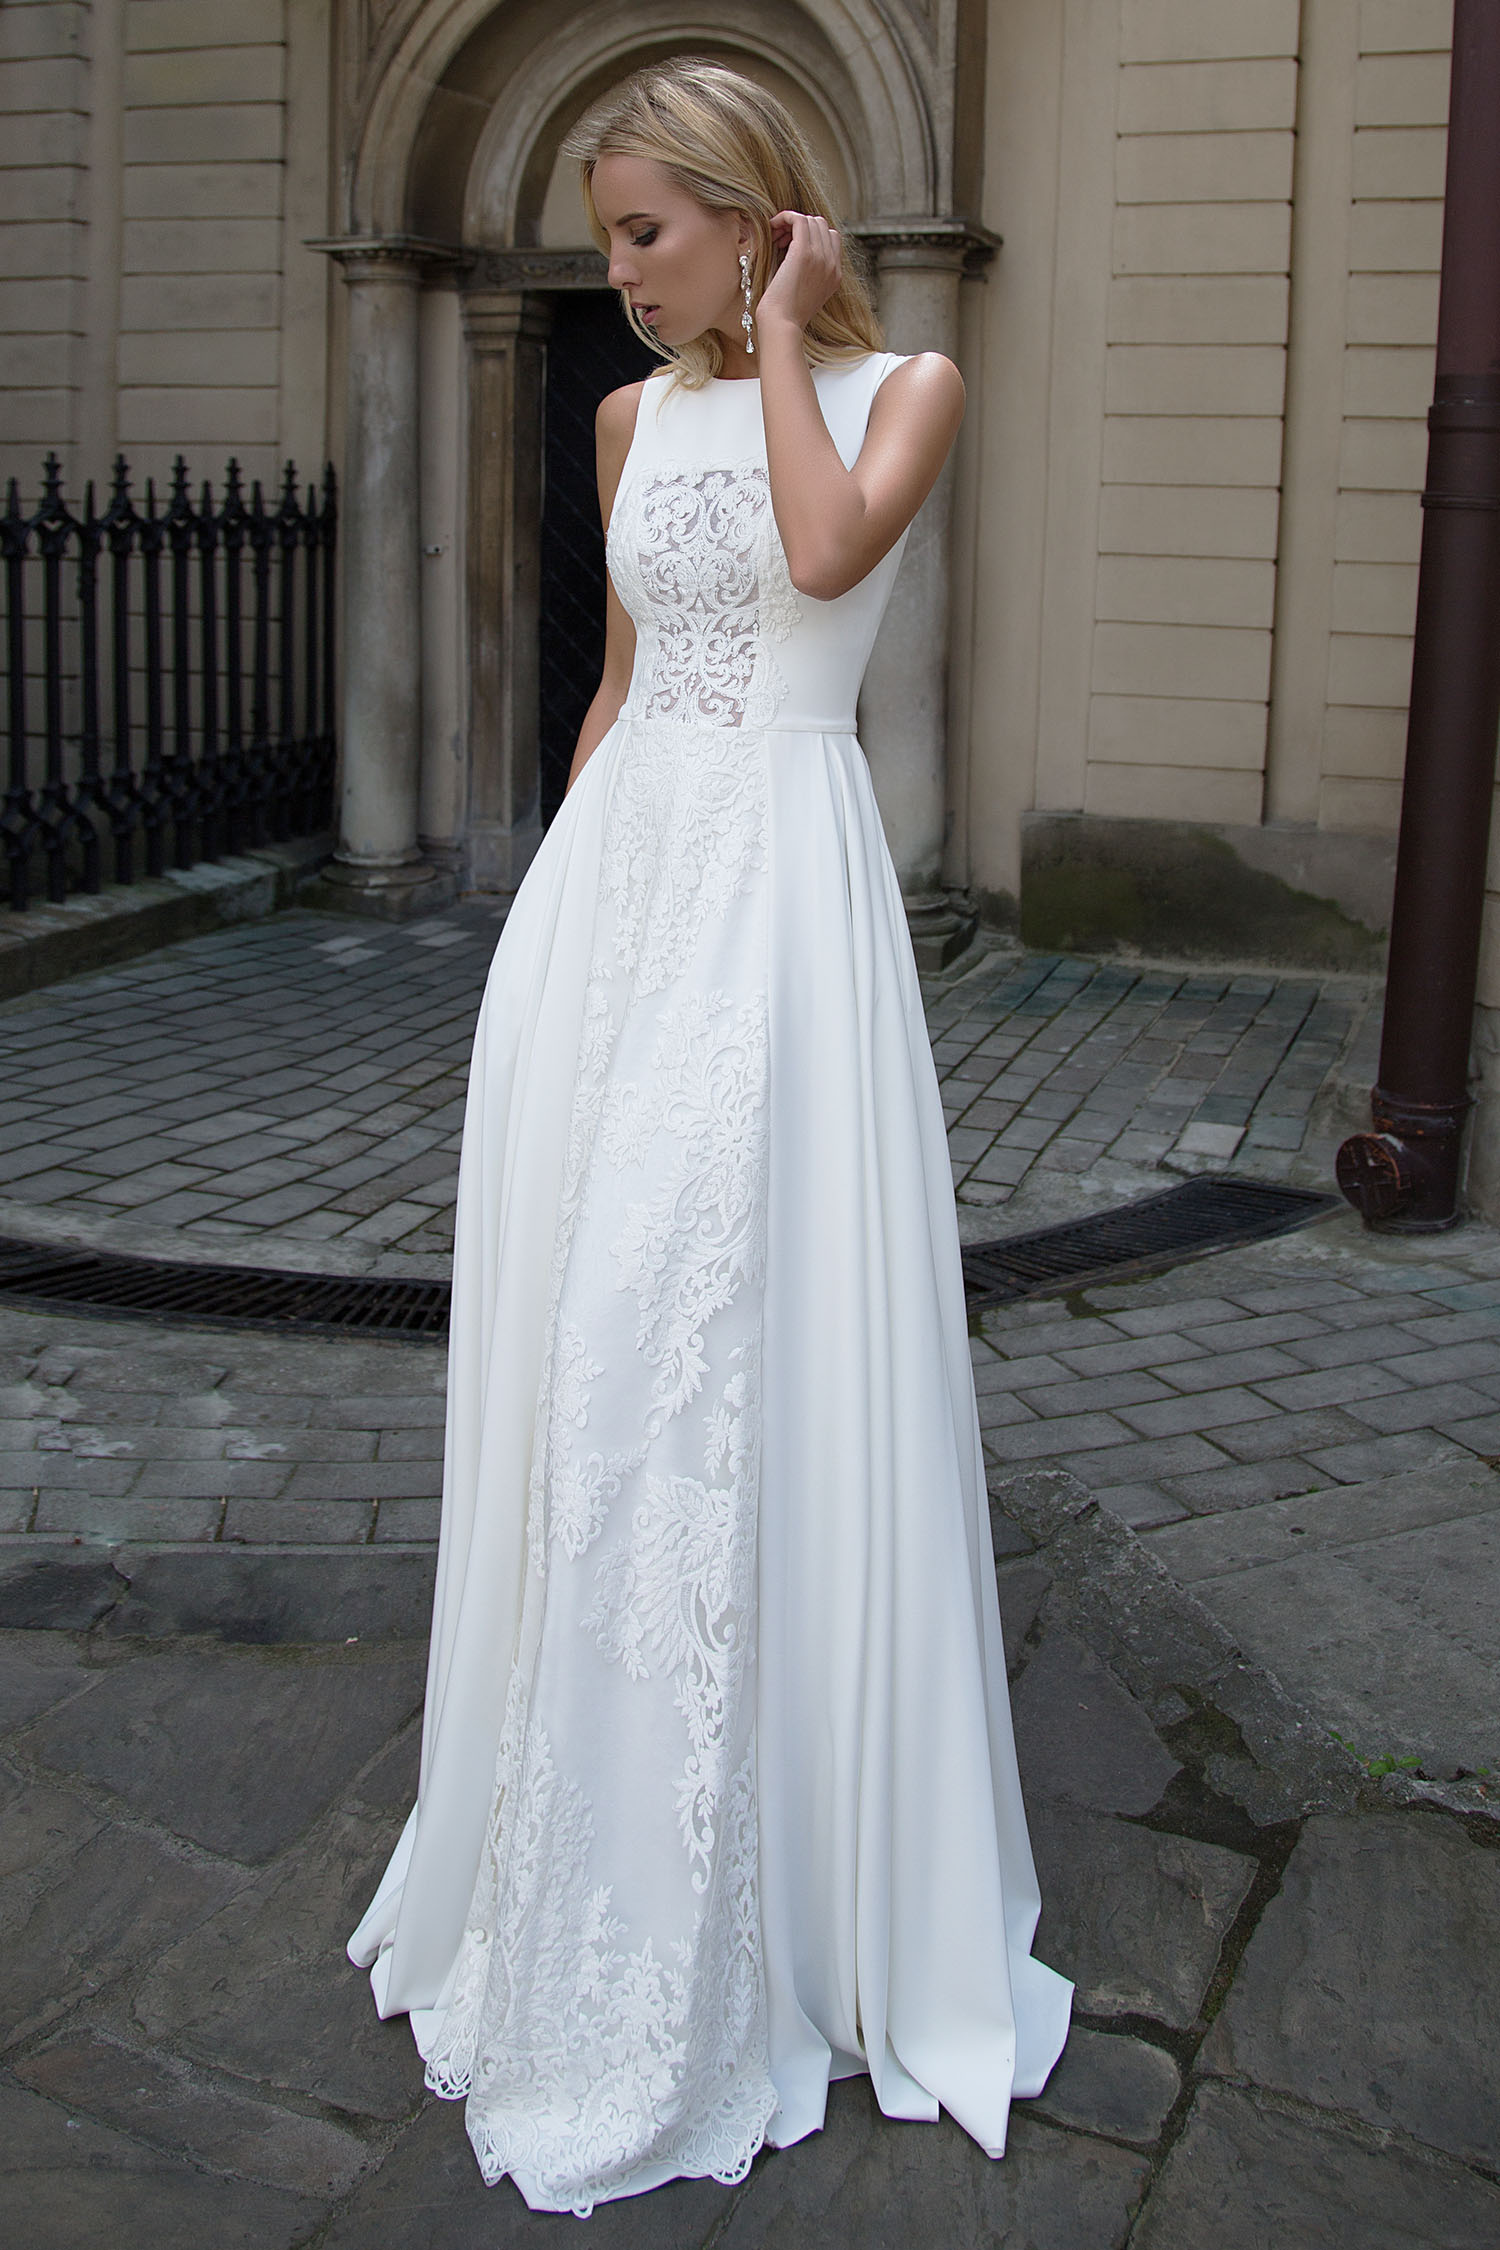 Je suis petite. Quelle robe de mariée choisir?